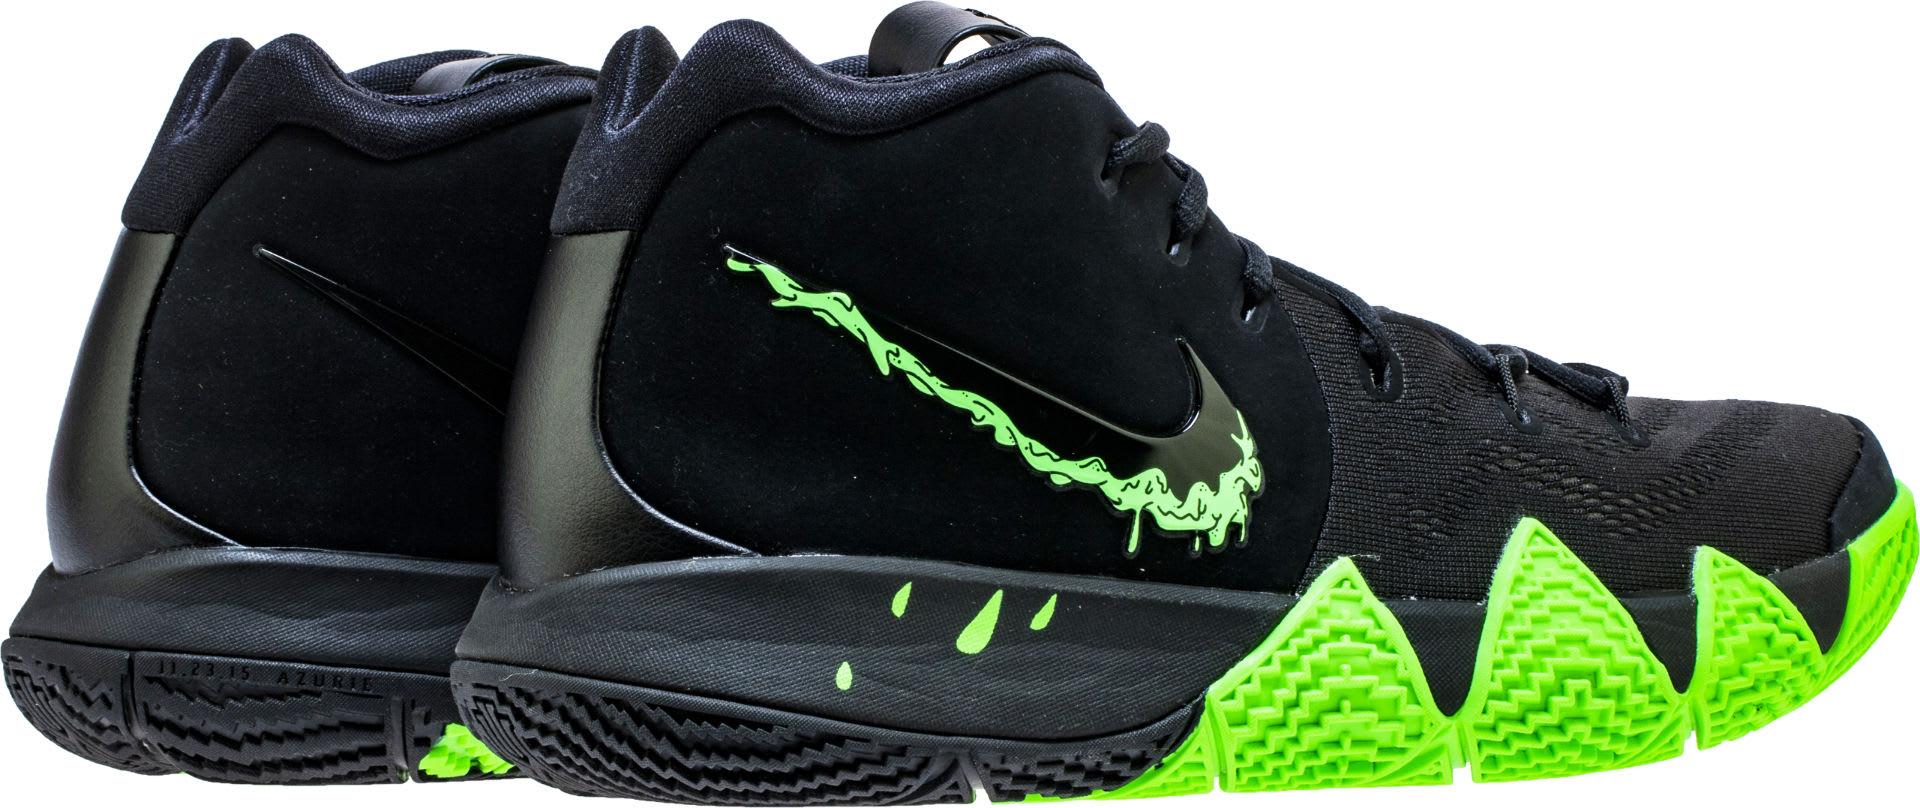 Image via Shoe Palace Nike Kyrie 4 Black Rage Green Halloween Release Date  943806-012 Back 386b0ac9e